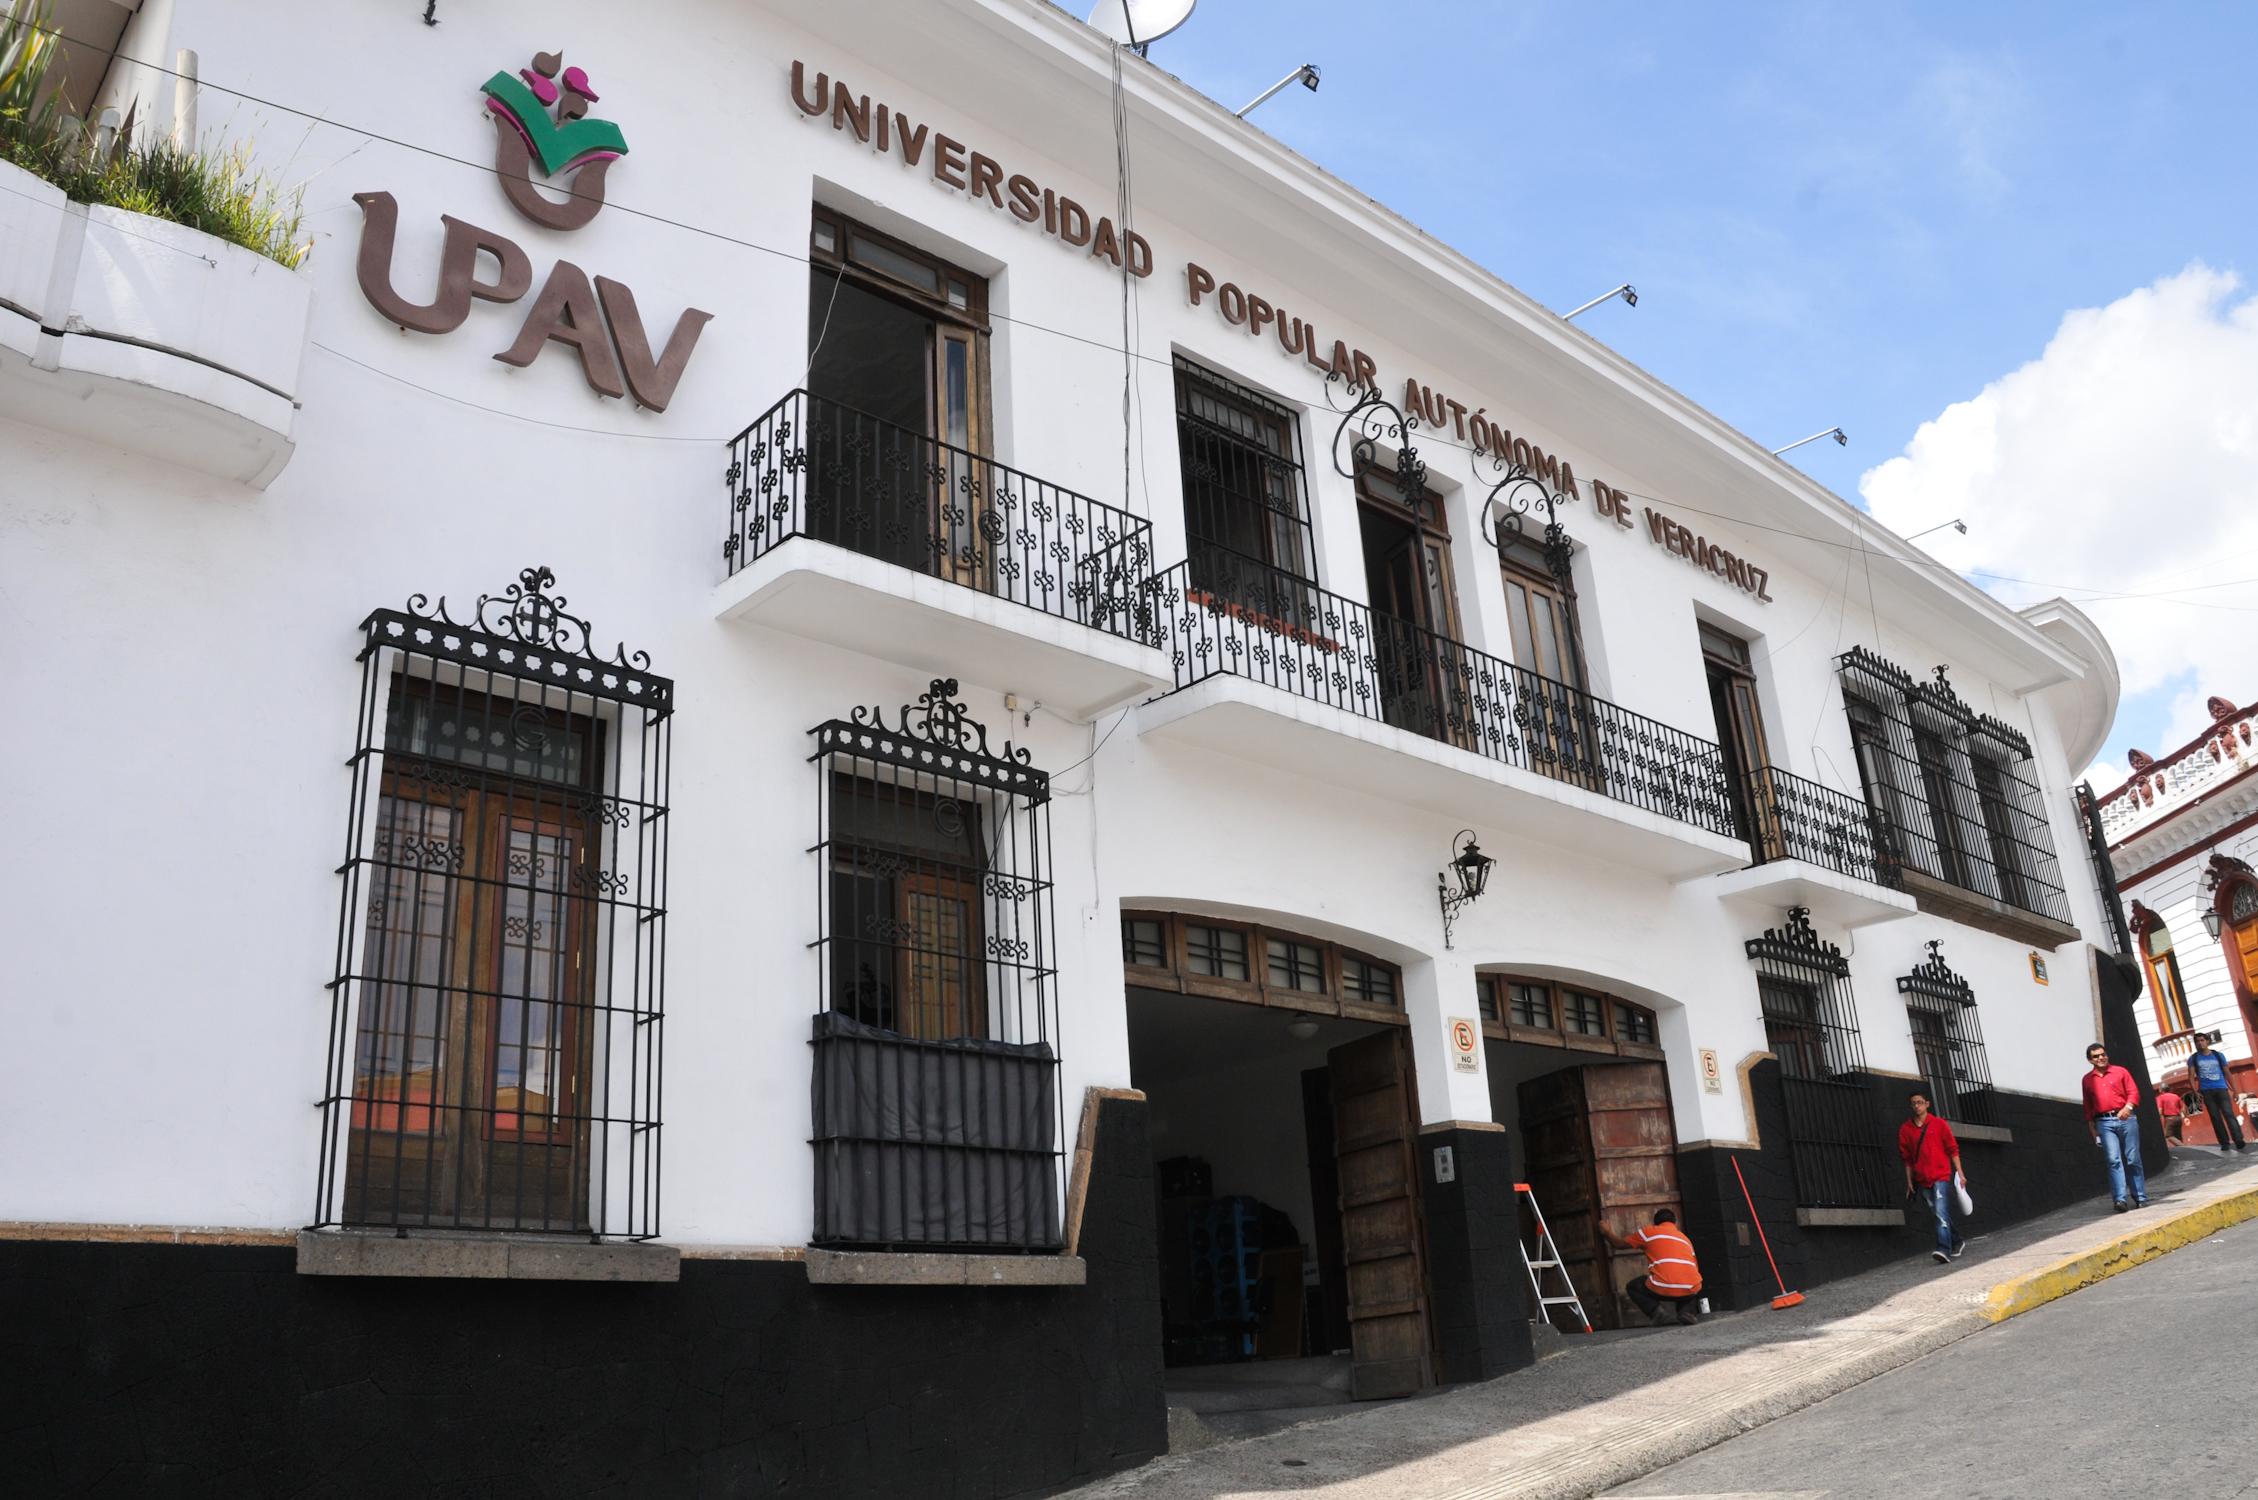 Matr cula de la upav disminuye un 50 39 la quieren for Universidades en xalapa